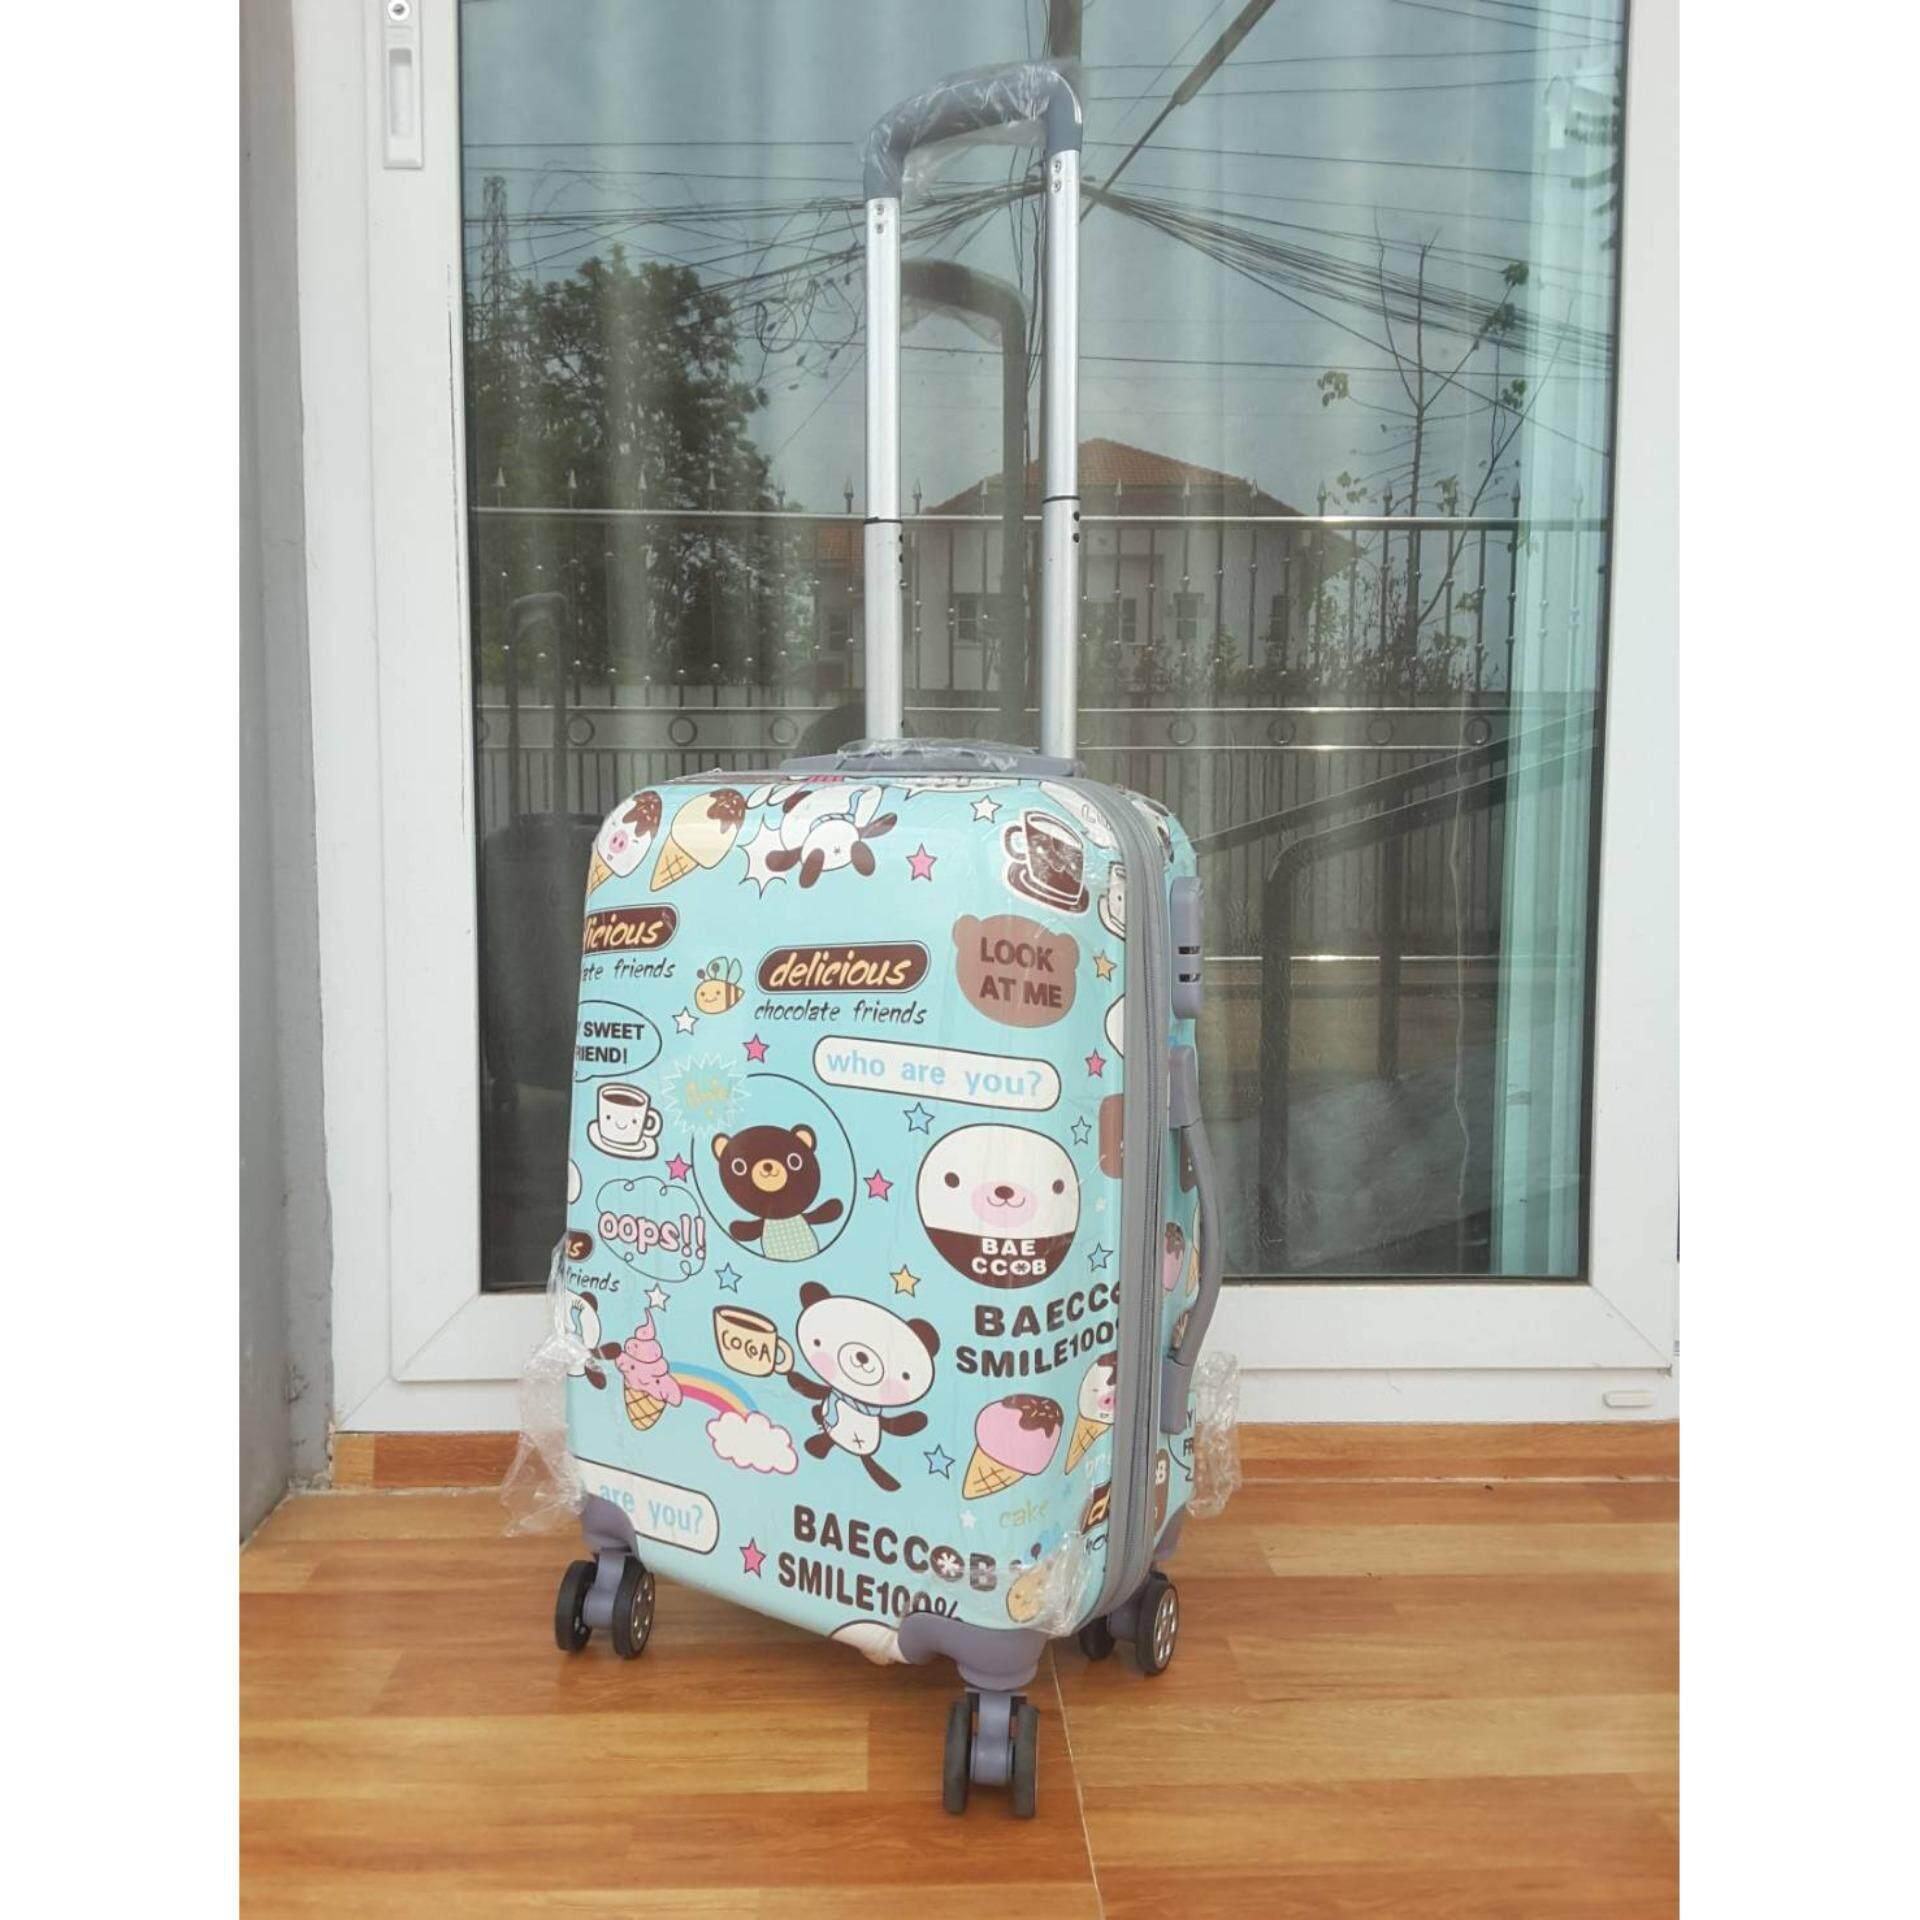 ราคา Tonkoon Shop กระเป๋าเดินทางล้อลาก ลาย การ์ตูนน้องหมีสีฟ้า ขนาด 20 นิ้ว เป็นต้นฉบับ